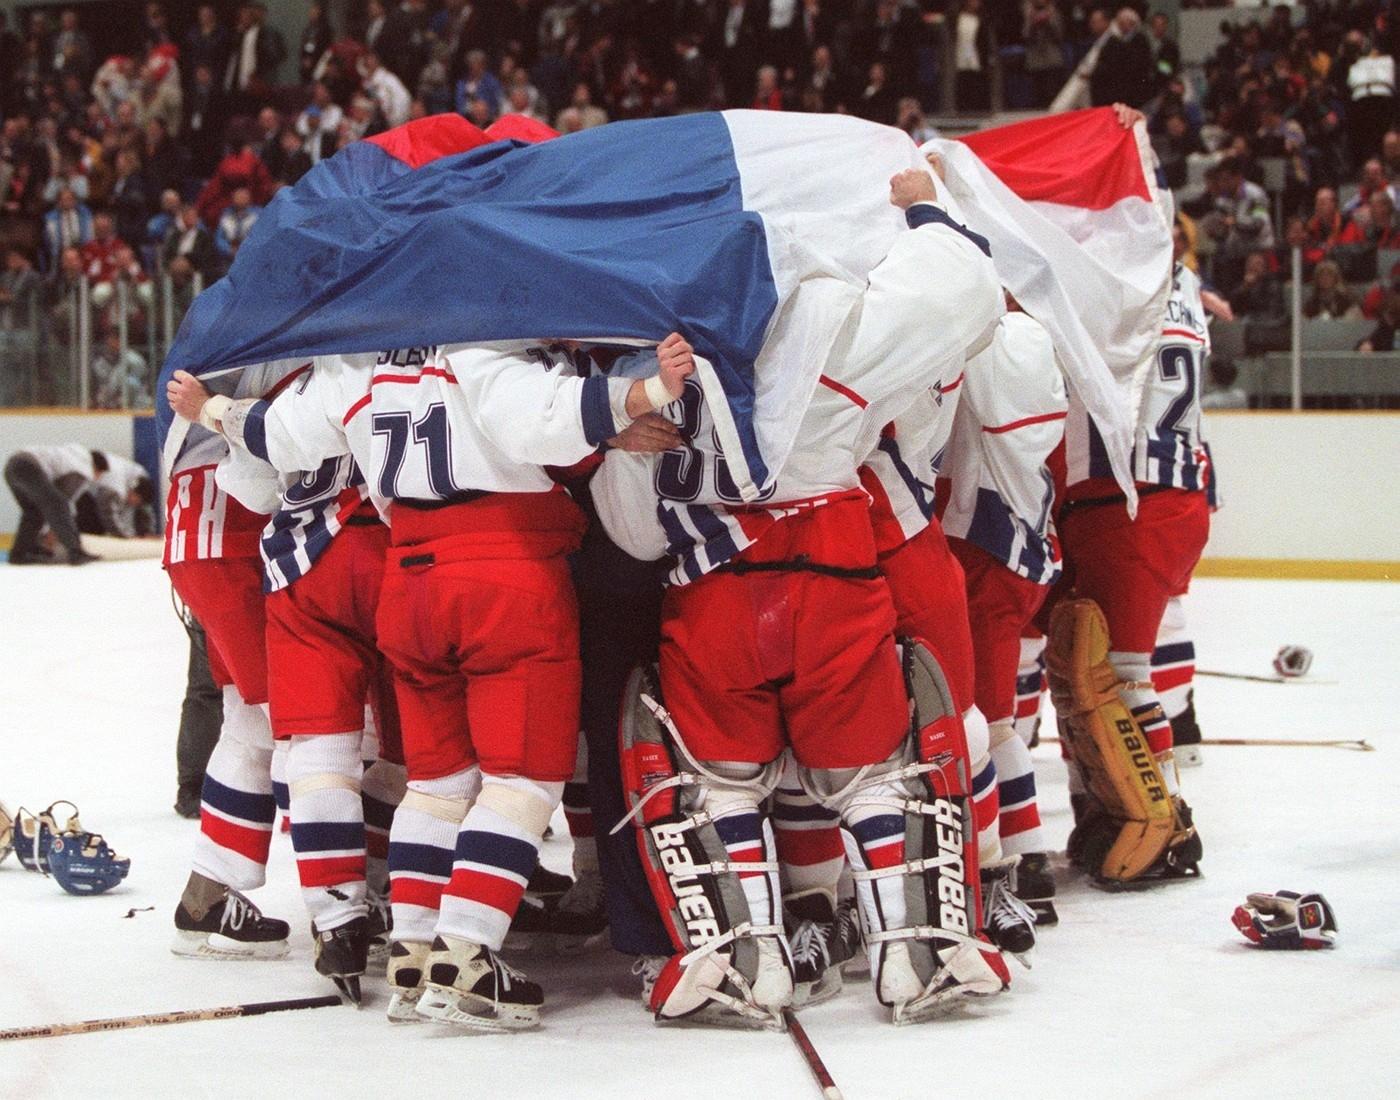 Hokejové legendy se vrací na led, vznikla mezinárodní liga veteránů!